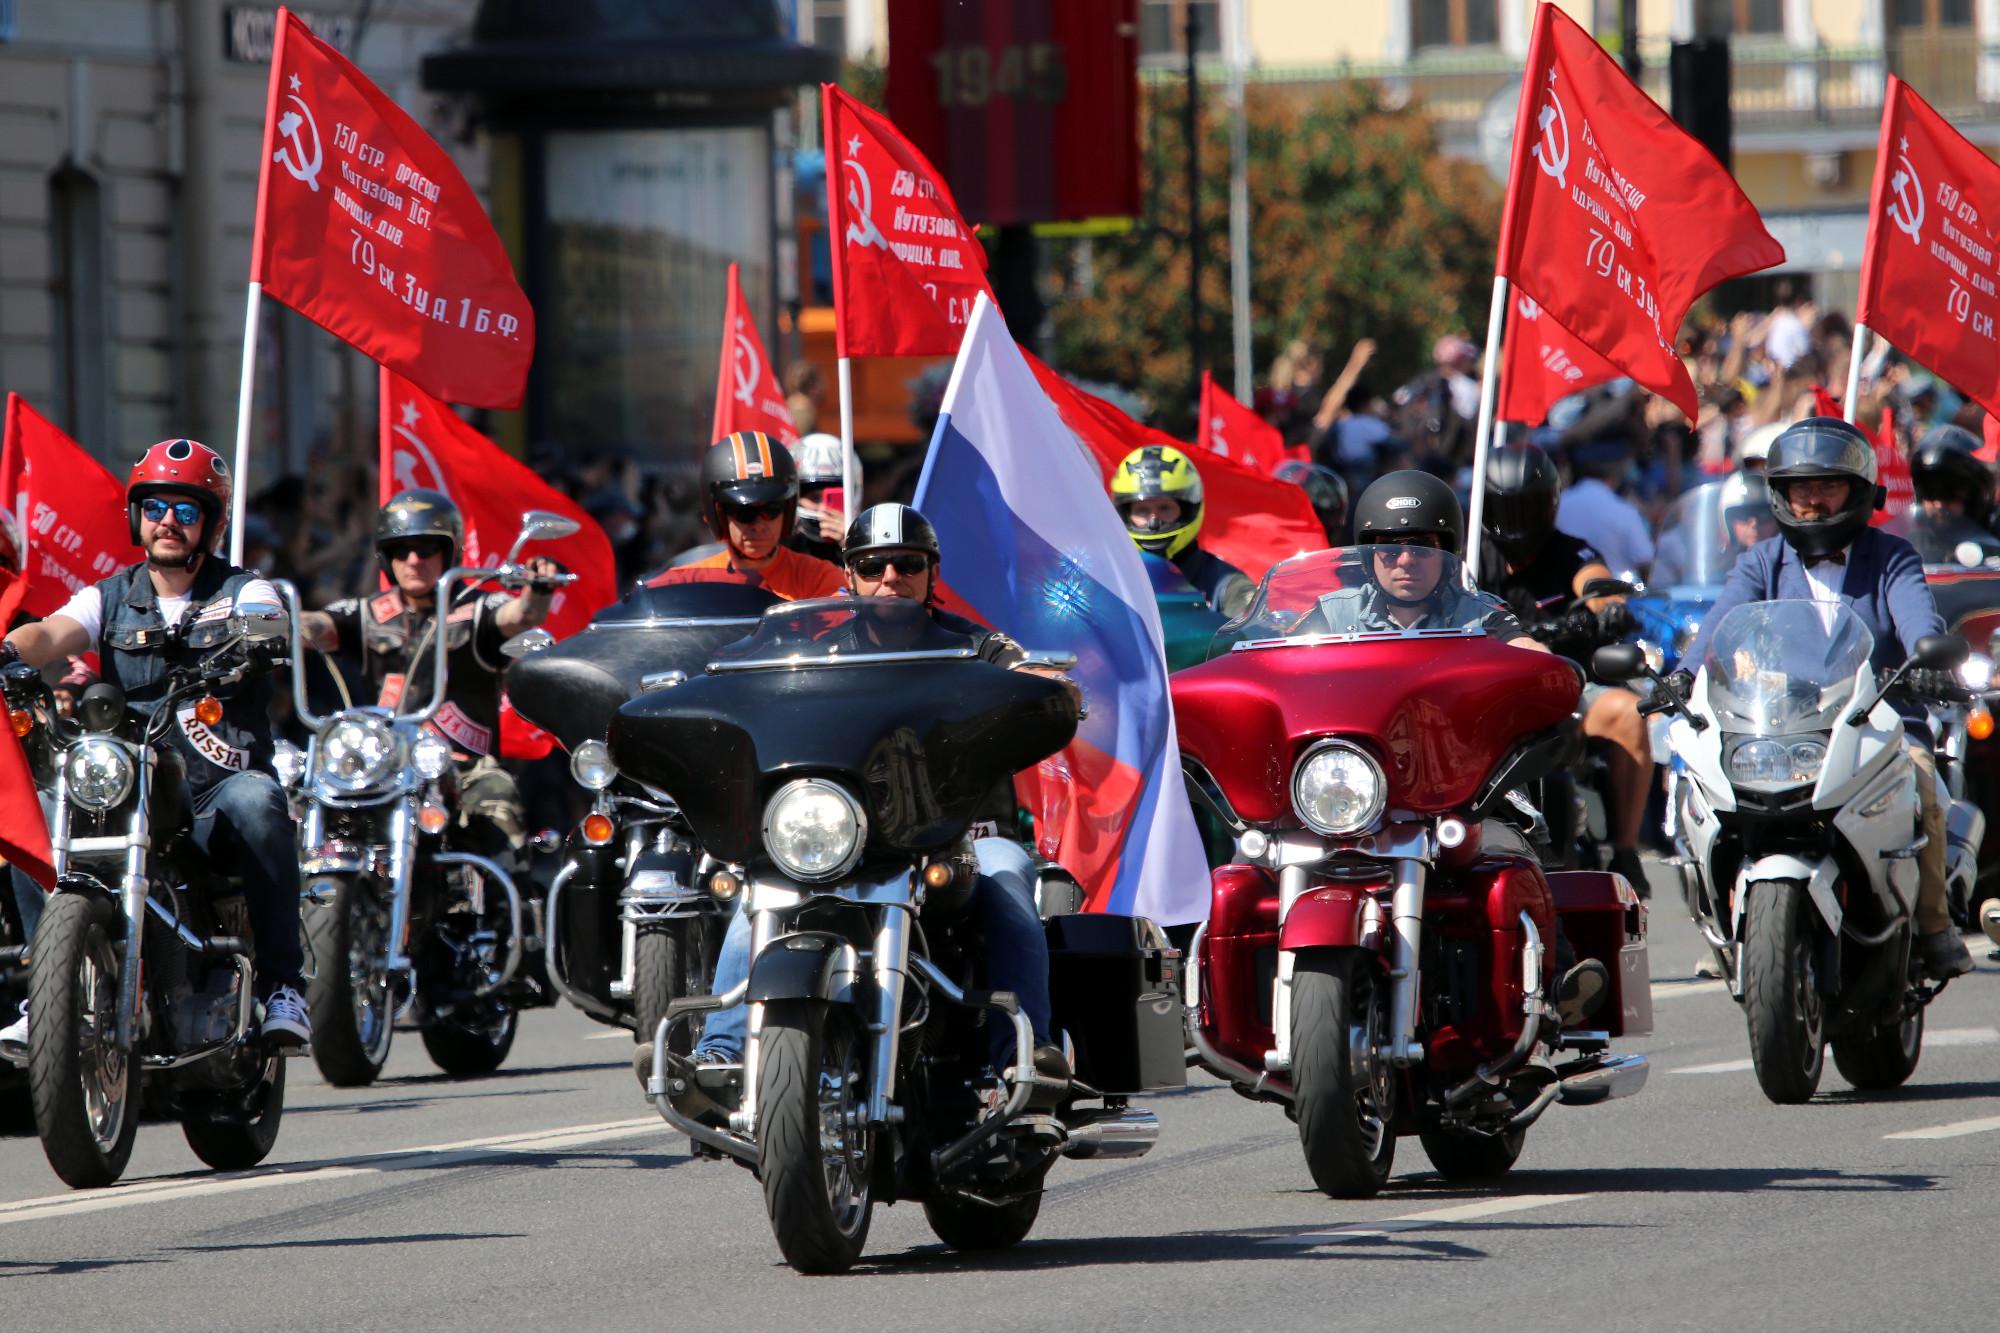 Невский проспект, парад, байкеры, мотоциклисты